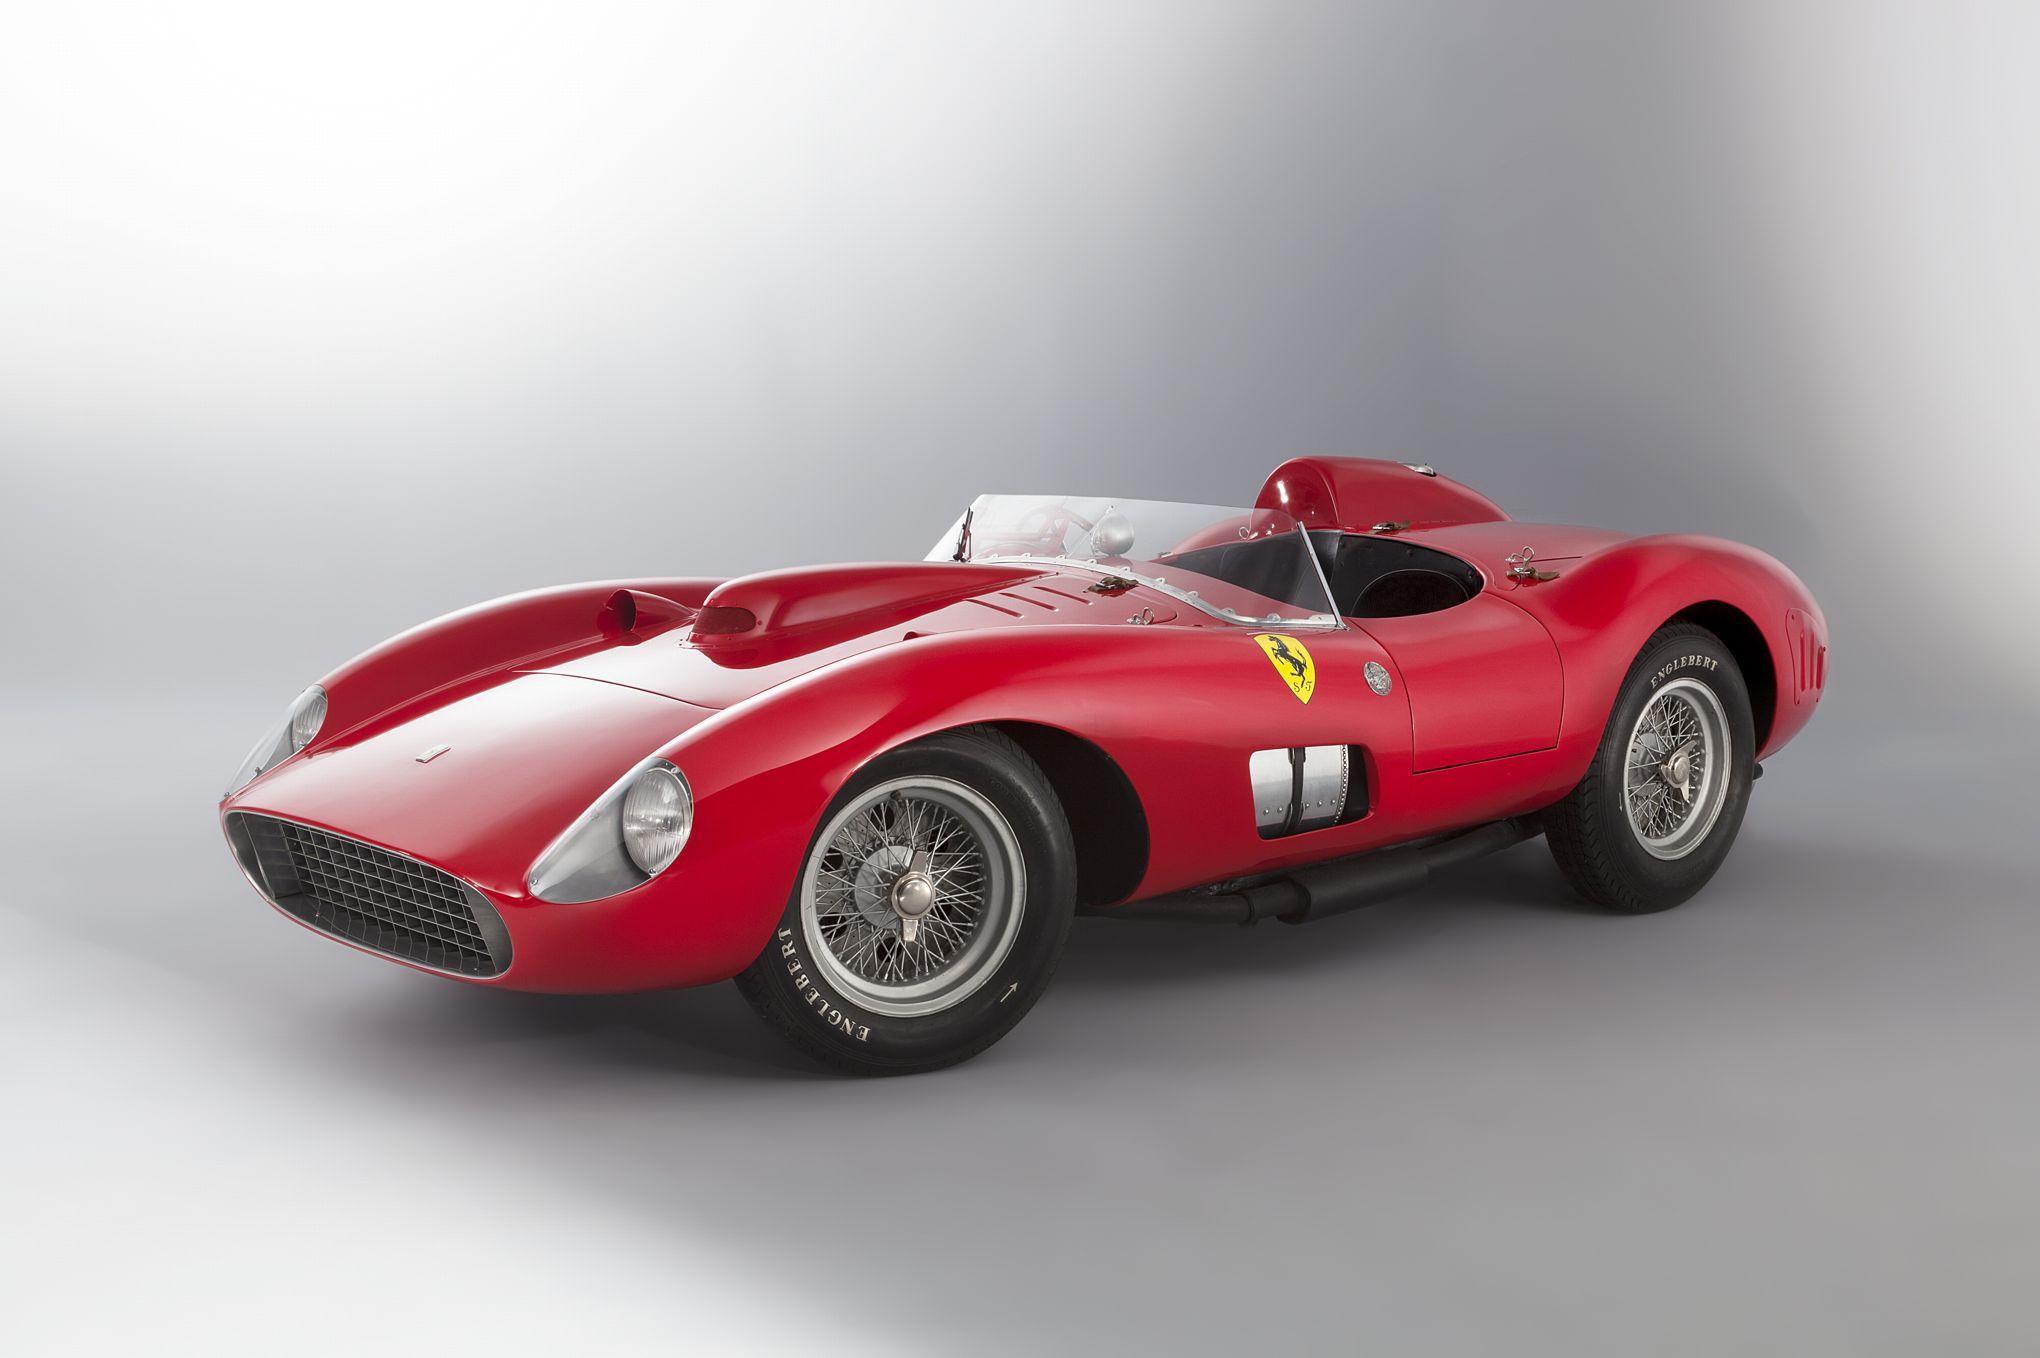 10 najdroższych klasycznych samochod³w kt³re zostały sprzedane na